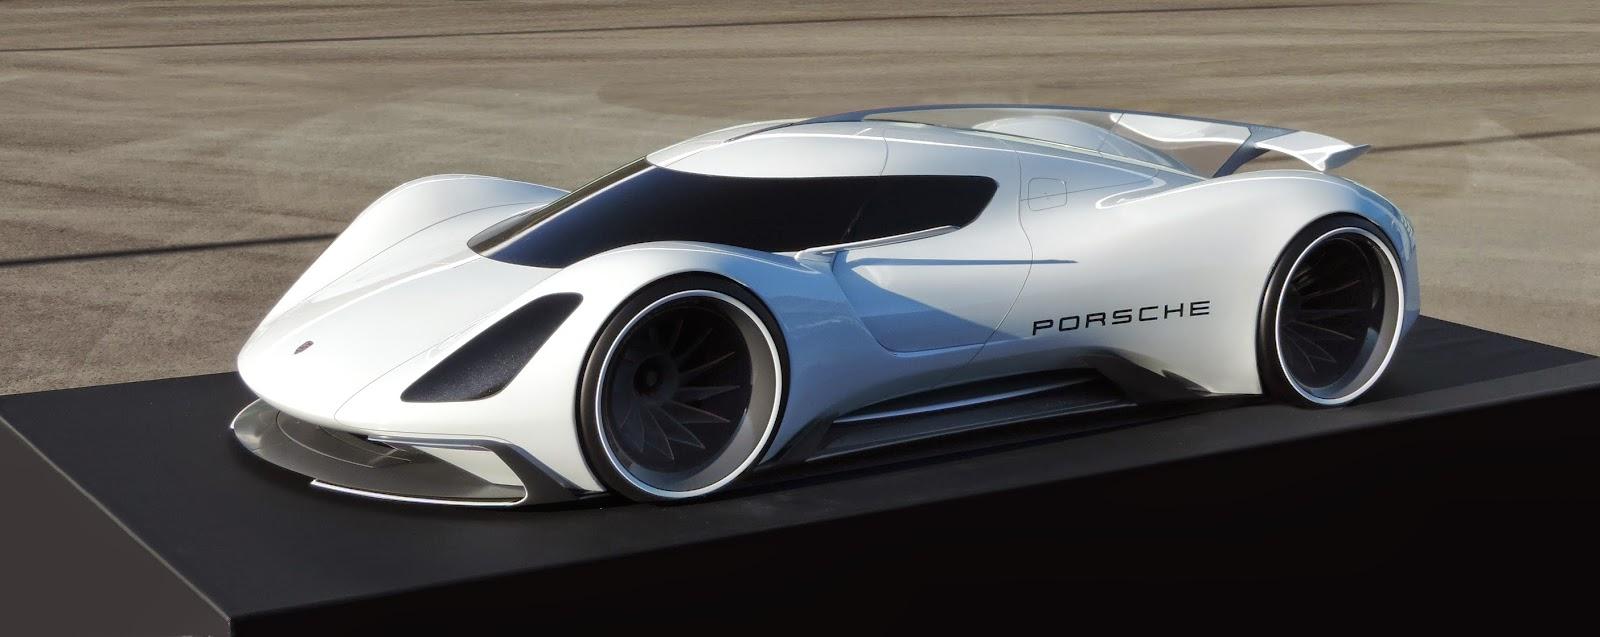 Porsche Electric Le Mans 2035 Prototype Looks Believable ...